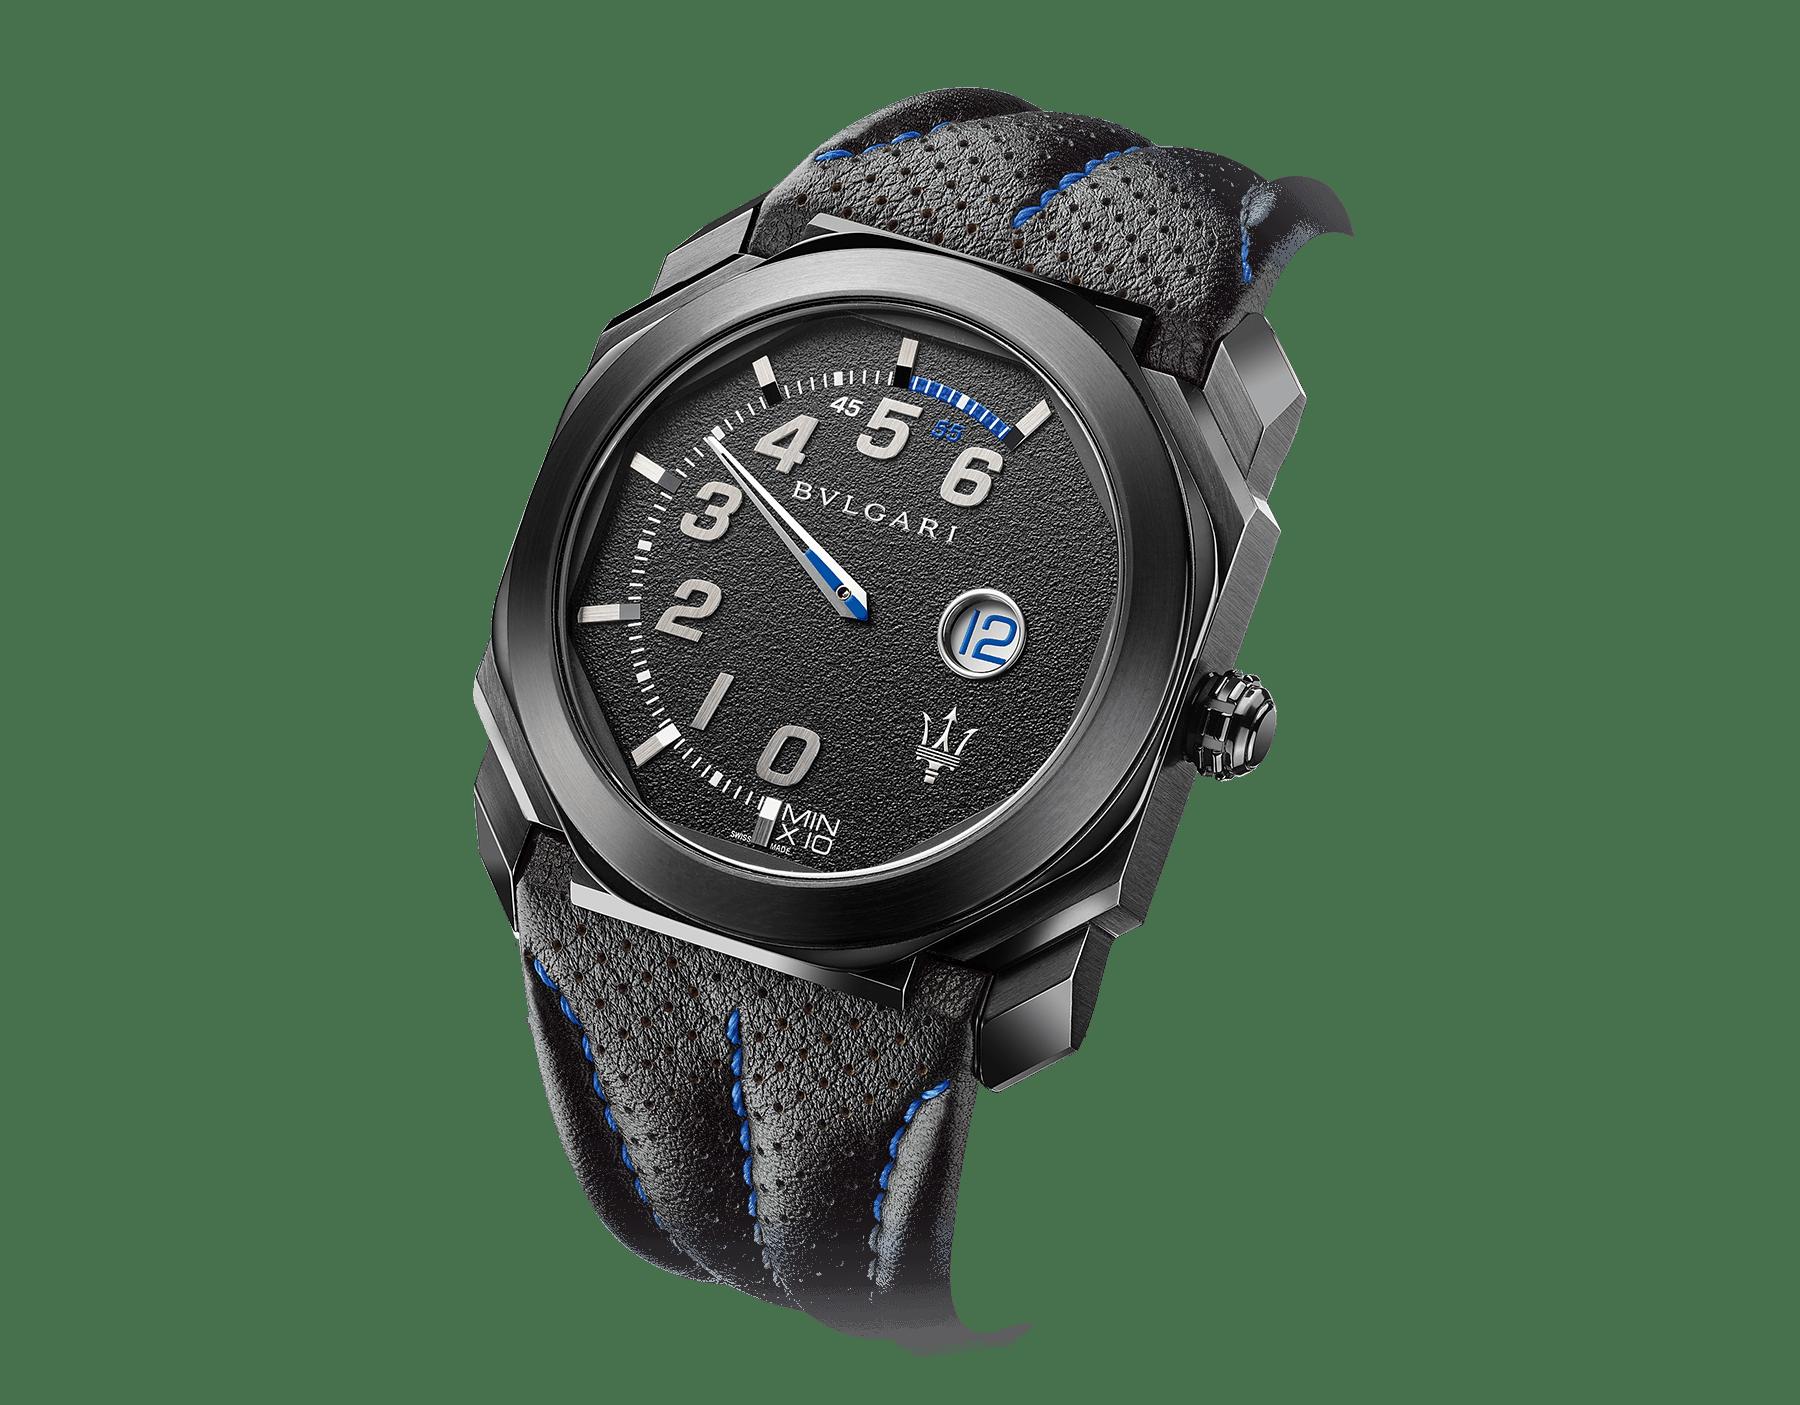 Relógio Octo Maserati GranSport edição limitada Mono-Retro com movimento de manufatura mecânico, corda automática, horas saltantes e minutos retrógrados. Caixa em aço inoxidável com tratamento em carbono tipo diamante (DLC) preto, mostrador preto e pulseira em couro preto. 102717 image 2